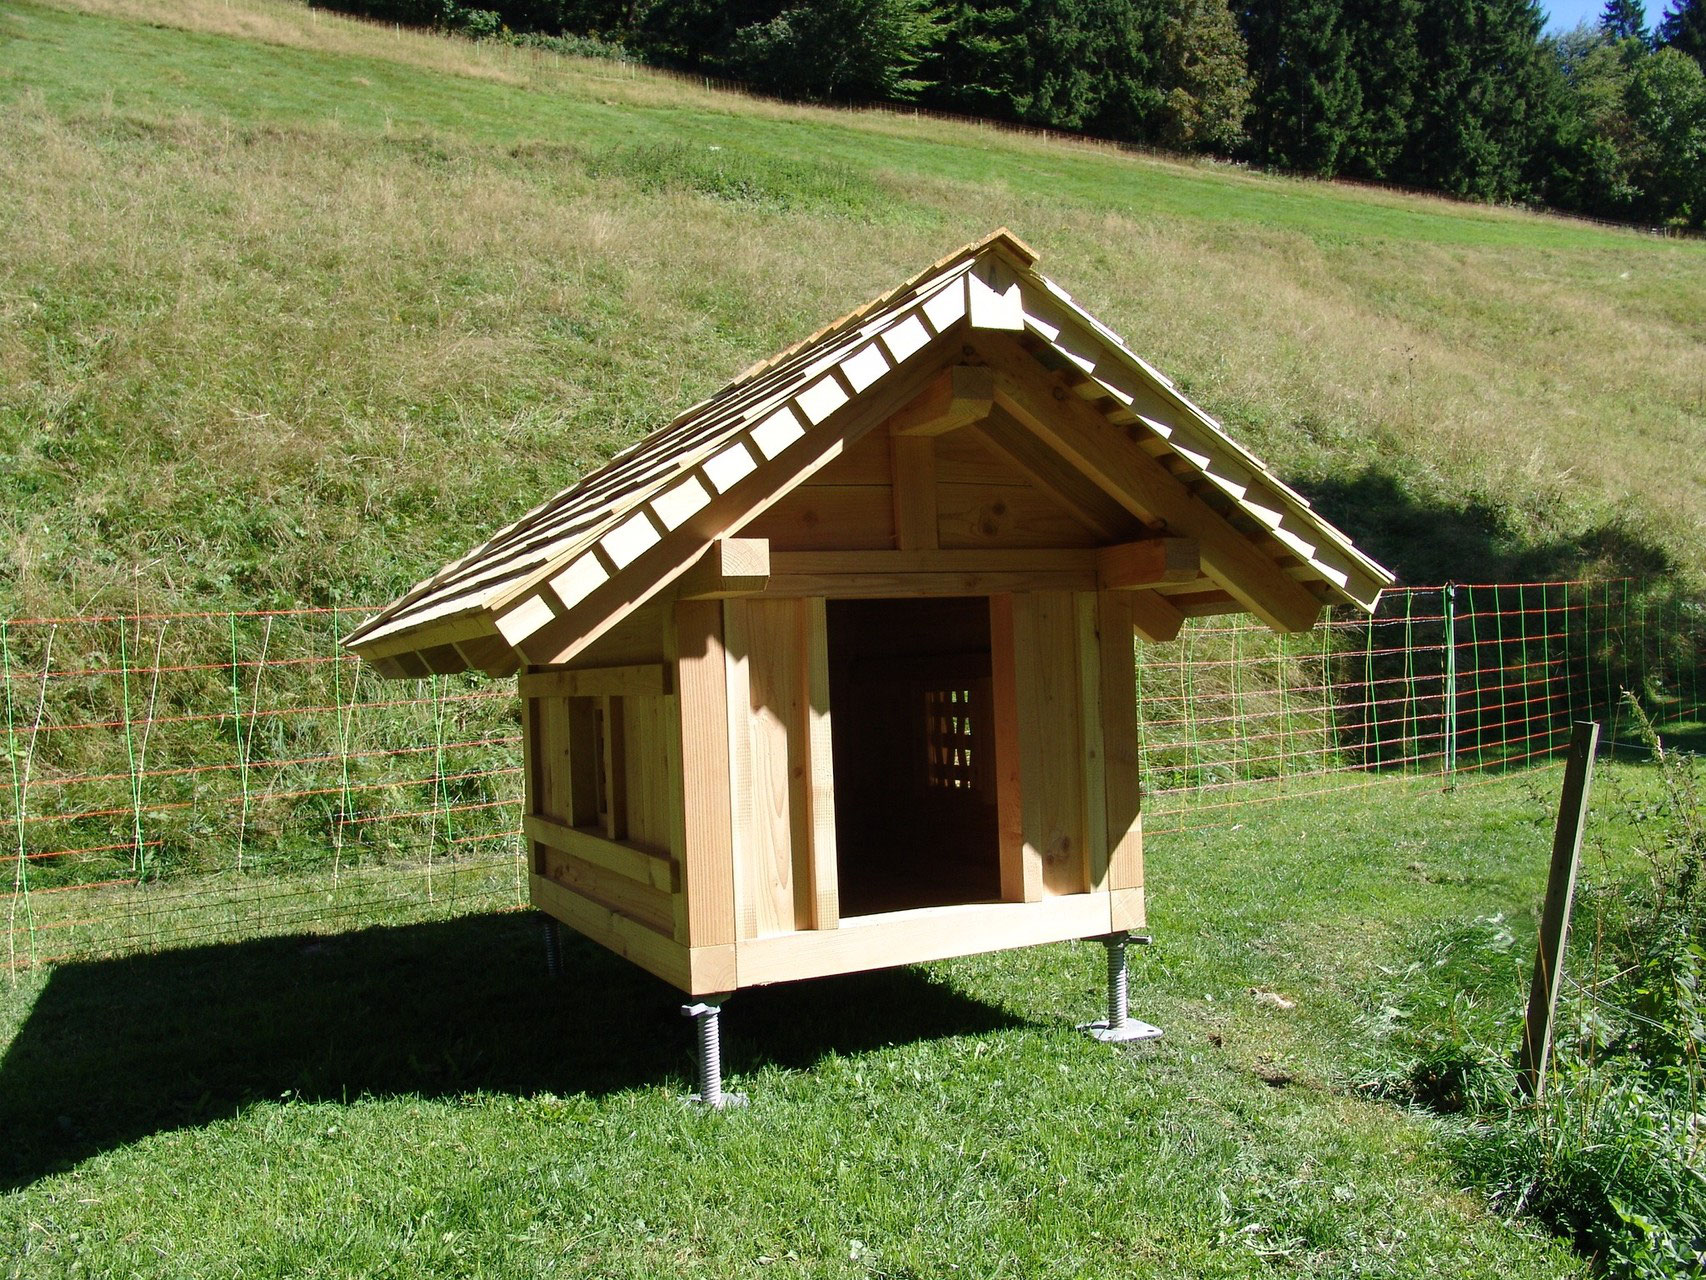 entenhaus hundeh tte h hnerstall aus holz holzbau fallers webseite. Black Bedroom Furniture Sets. Home Design Ideas